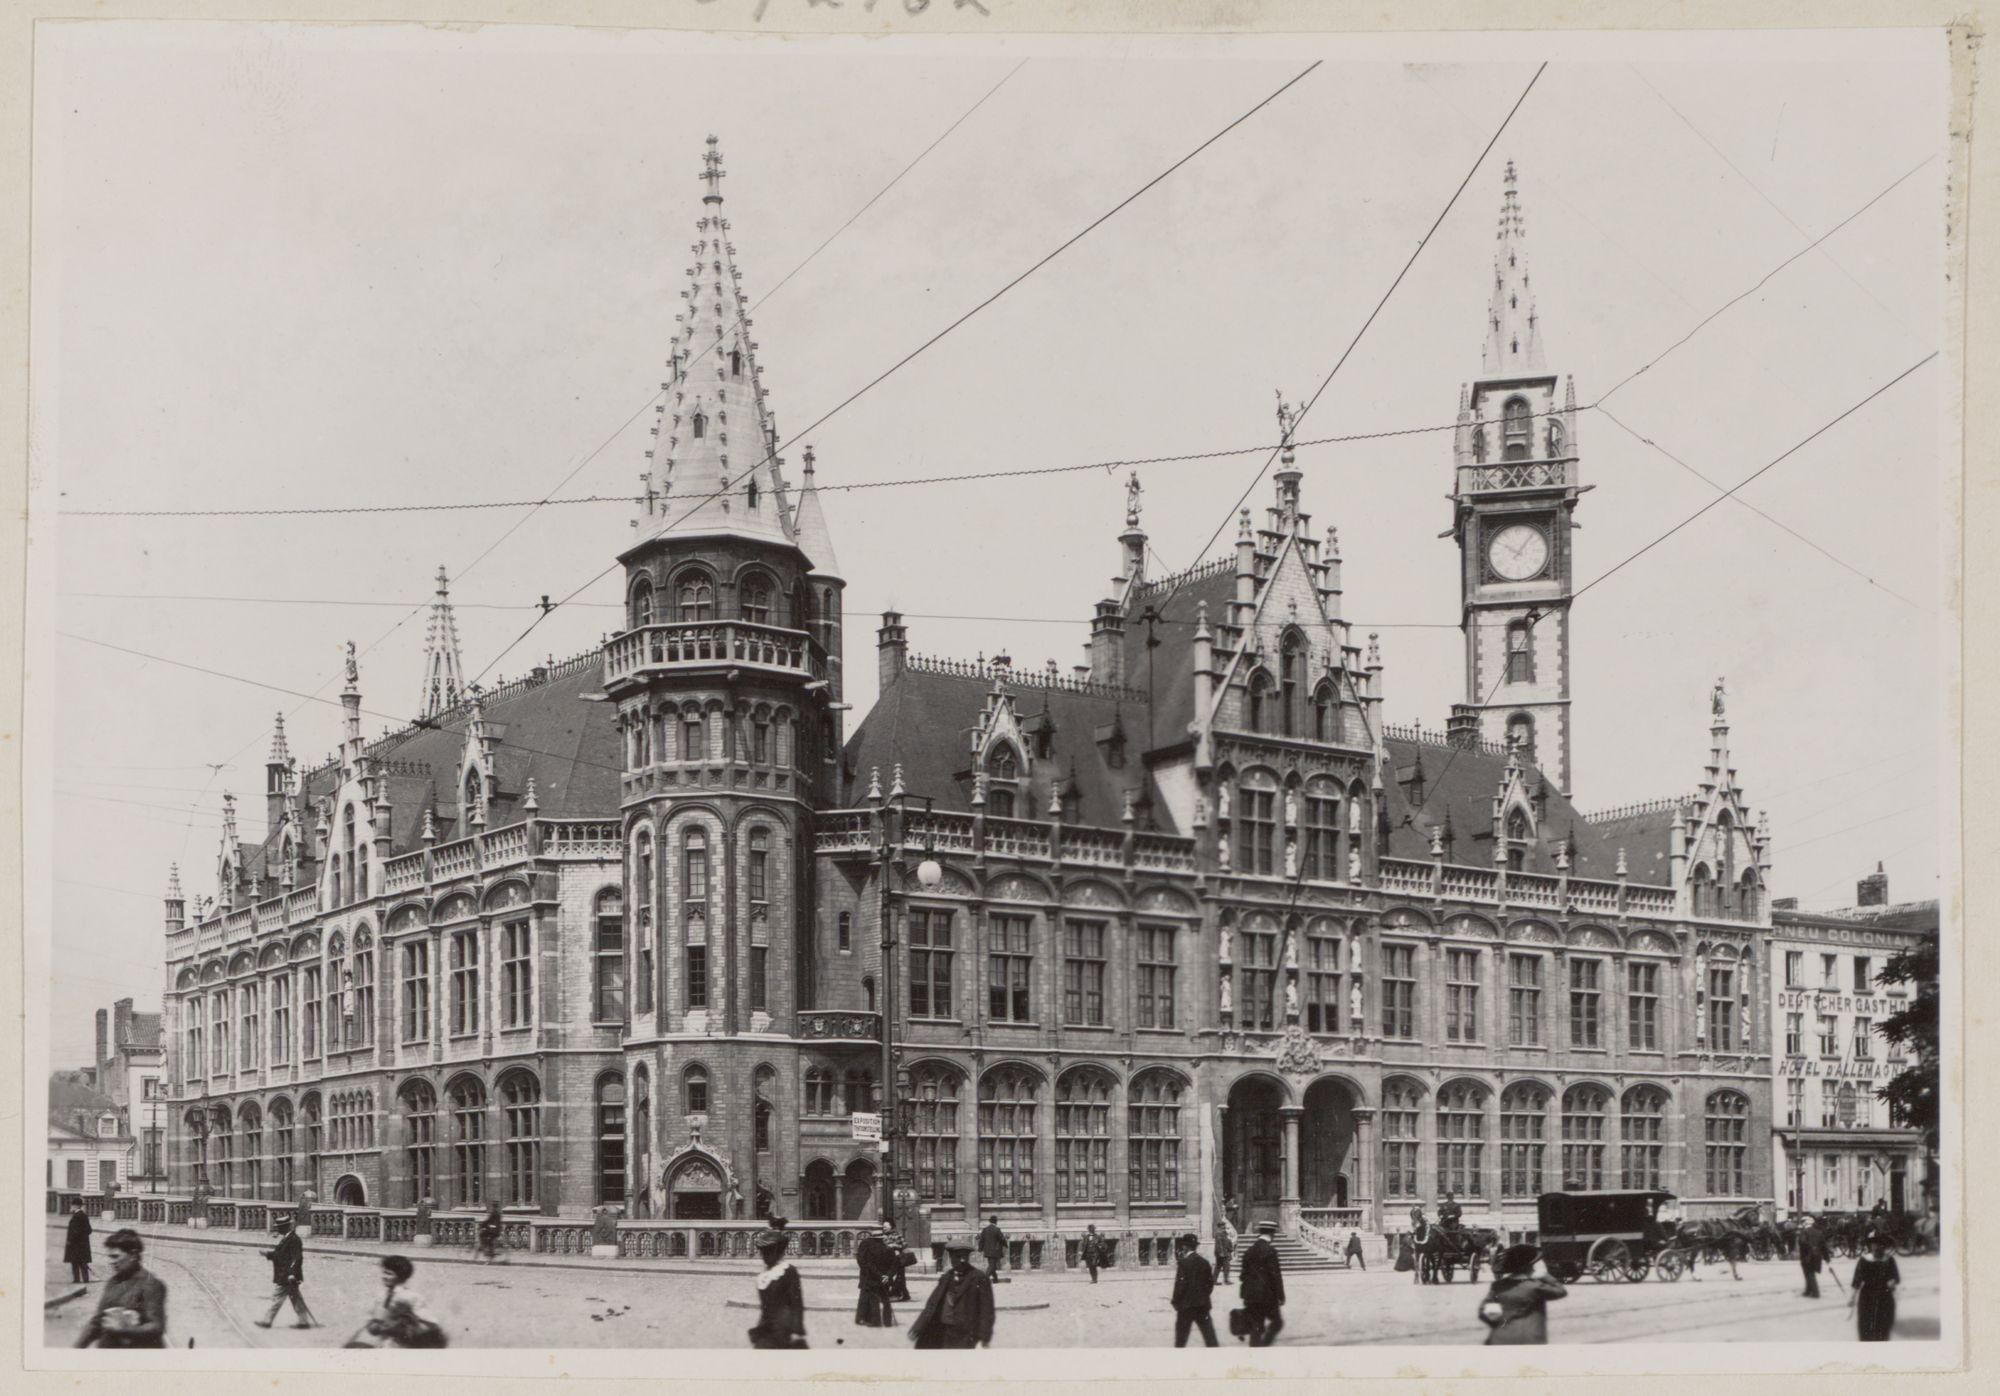 Gent: Hoofdgevel postgebouw, Korenmarkt